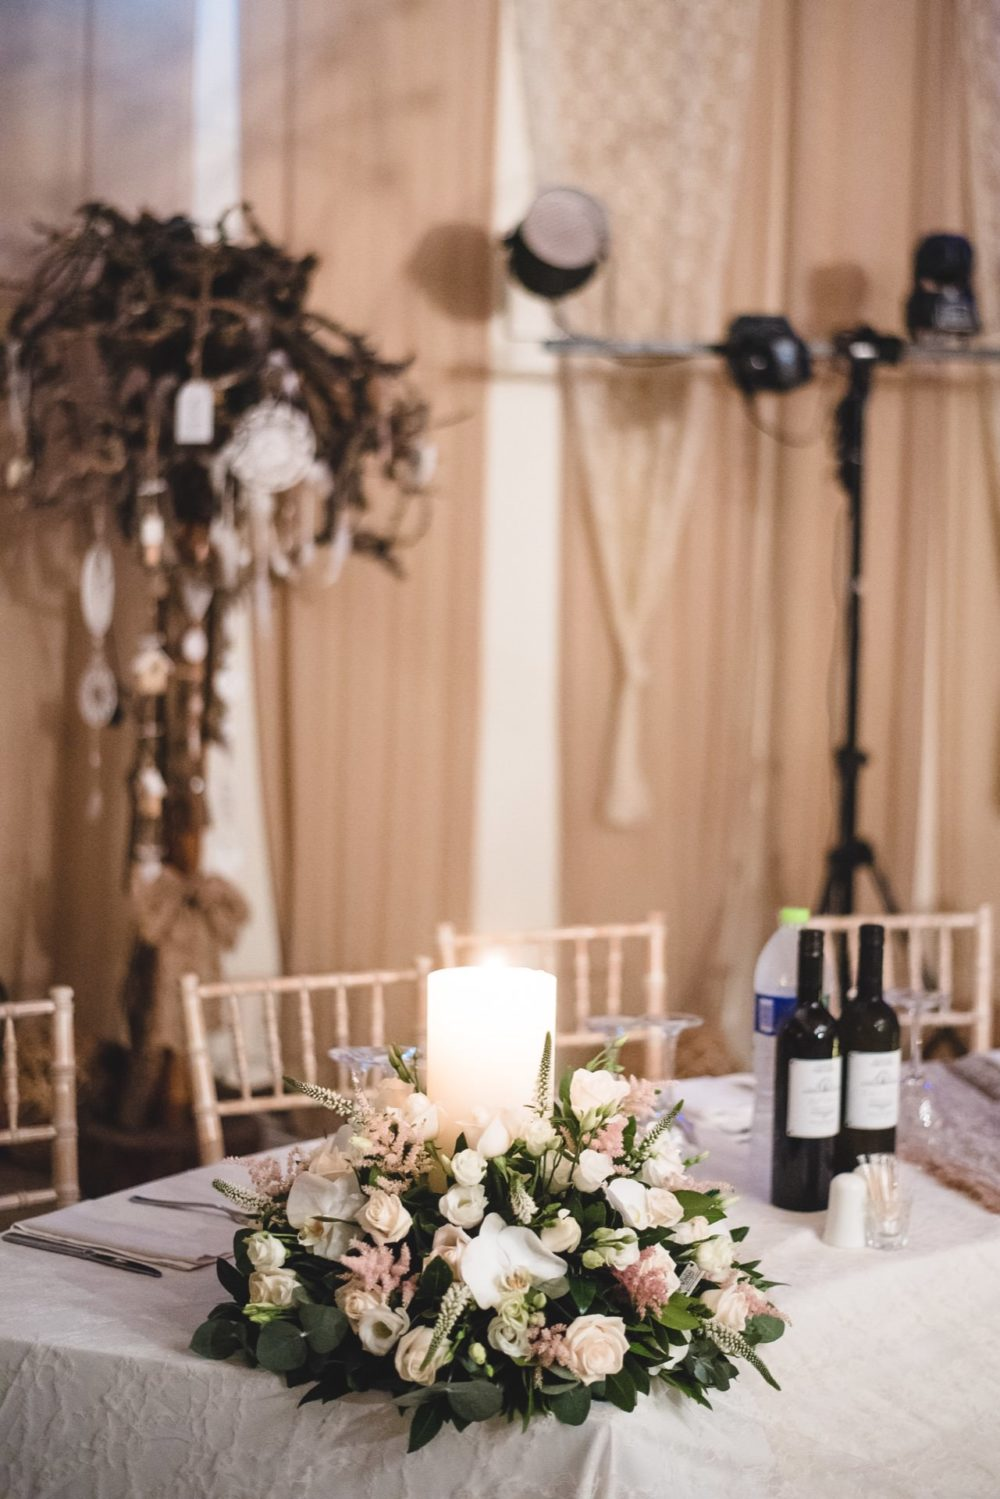 Fotografisi Gamou Wedding Gamos Fotografos Ilias & Dimitra094